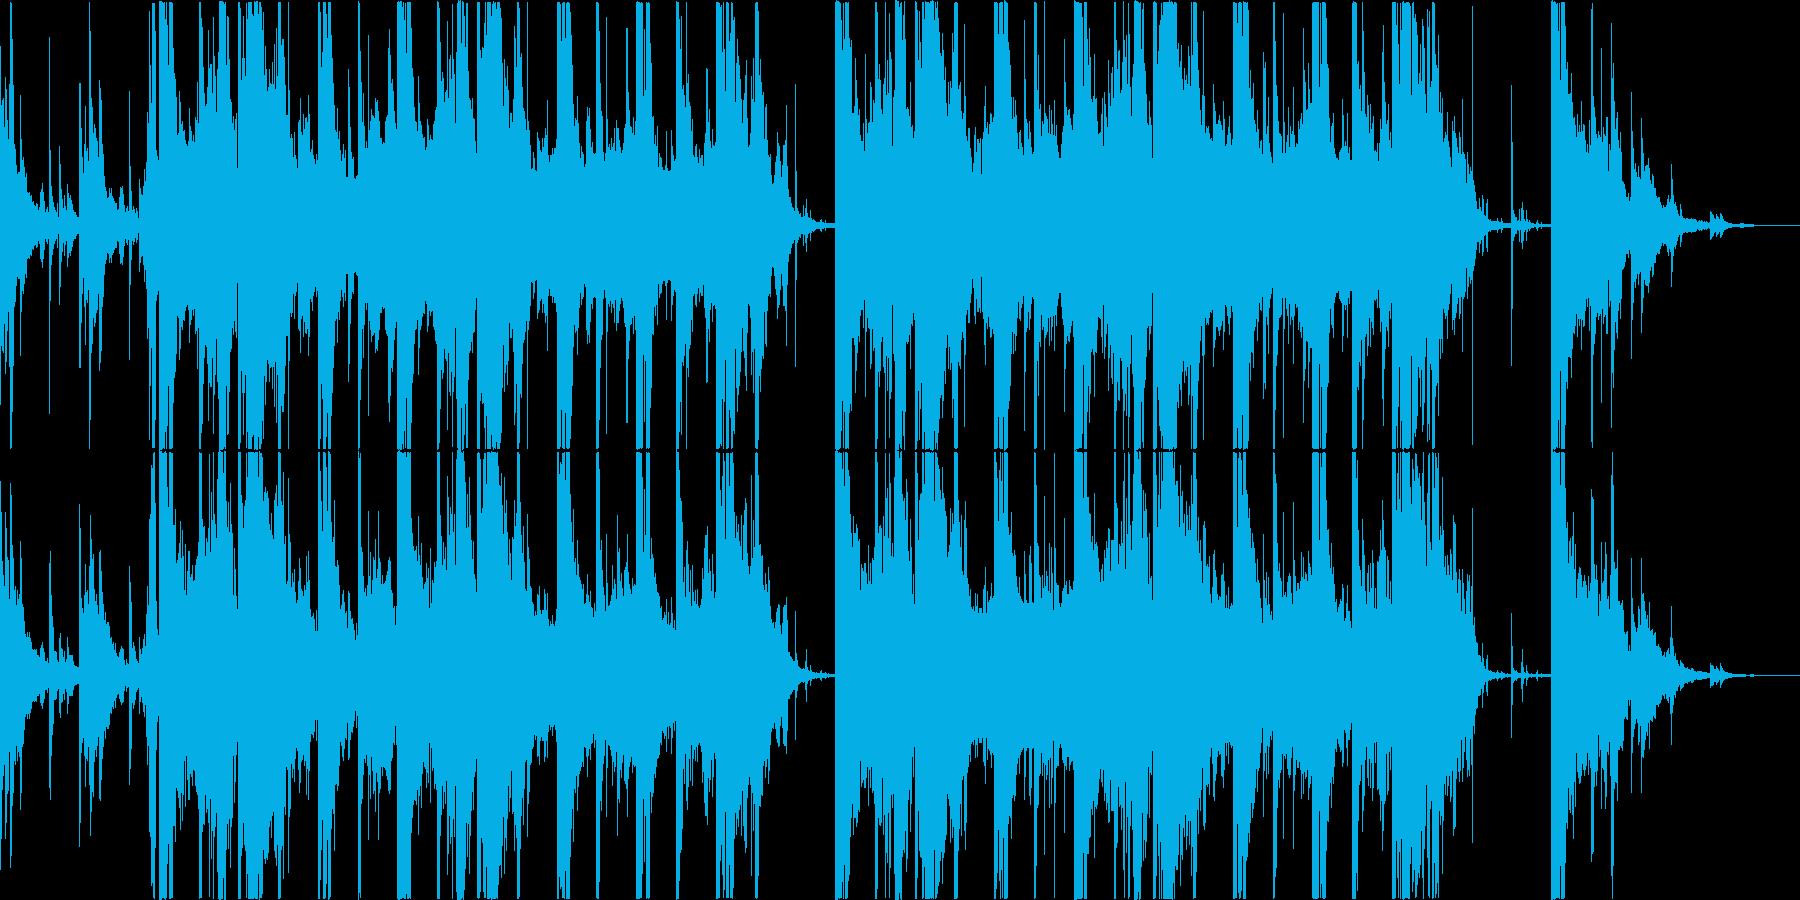 和風 薄暗い山の再生済みの波形